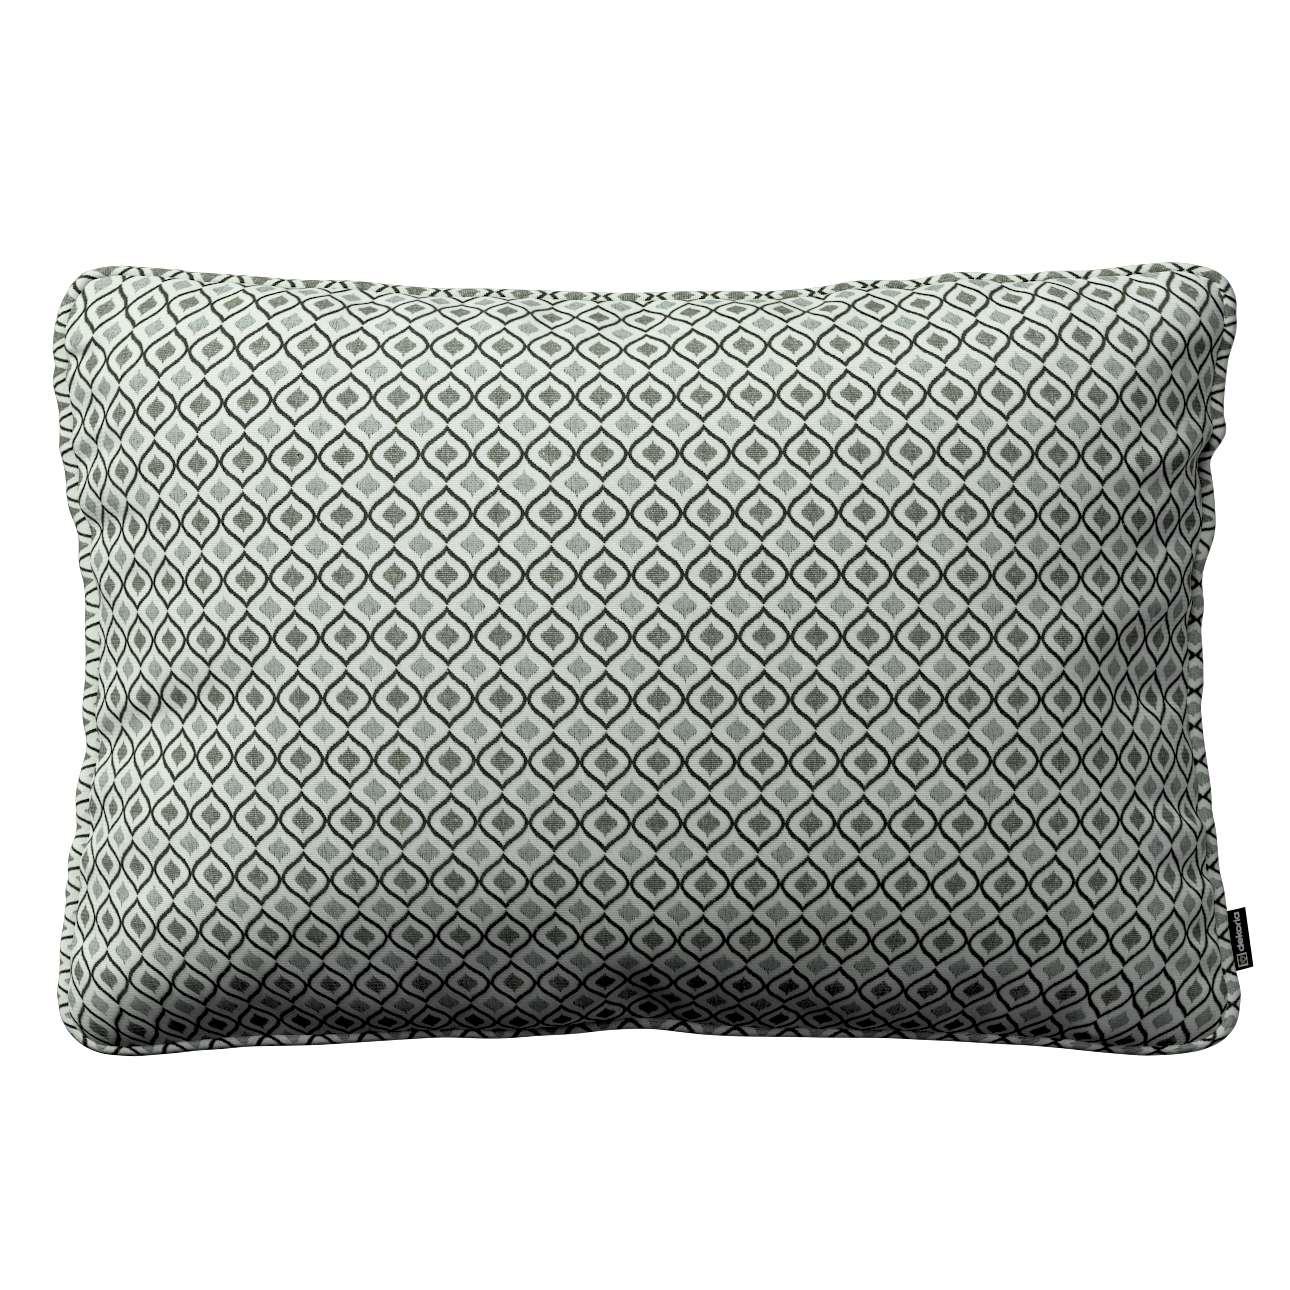 Poszewka Gabi na poduszkę prostokątna w kolekcji Black & White, tkanina: 142-76